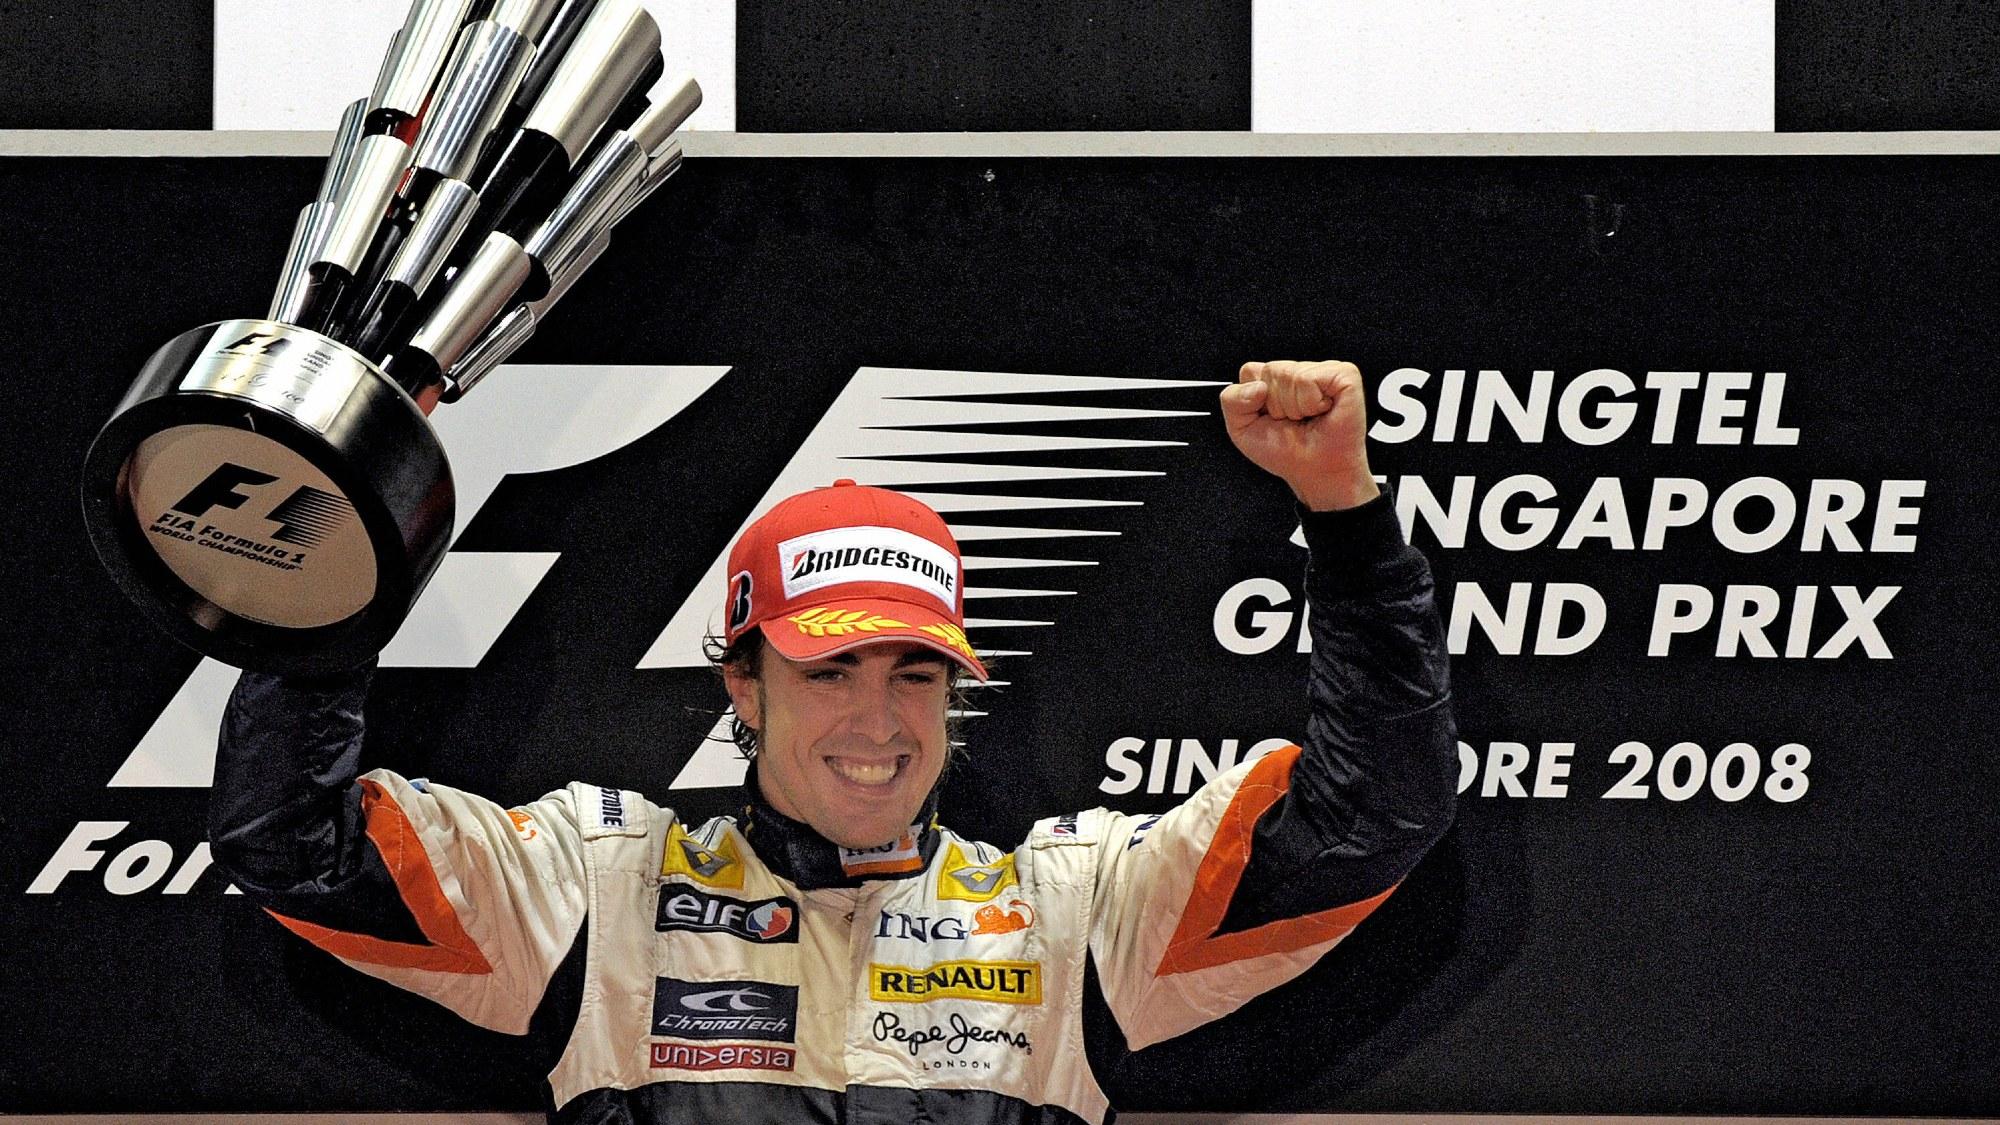 Fernando Alonso, 2008 Singapore GP